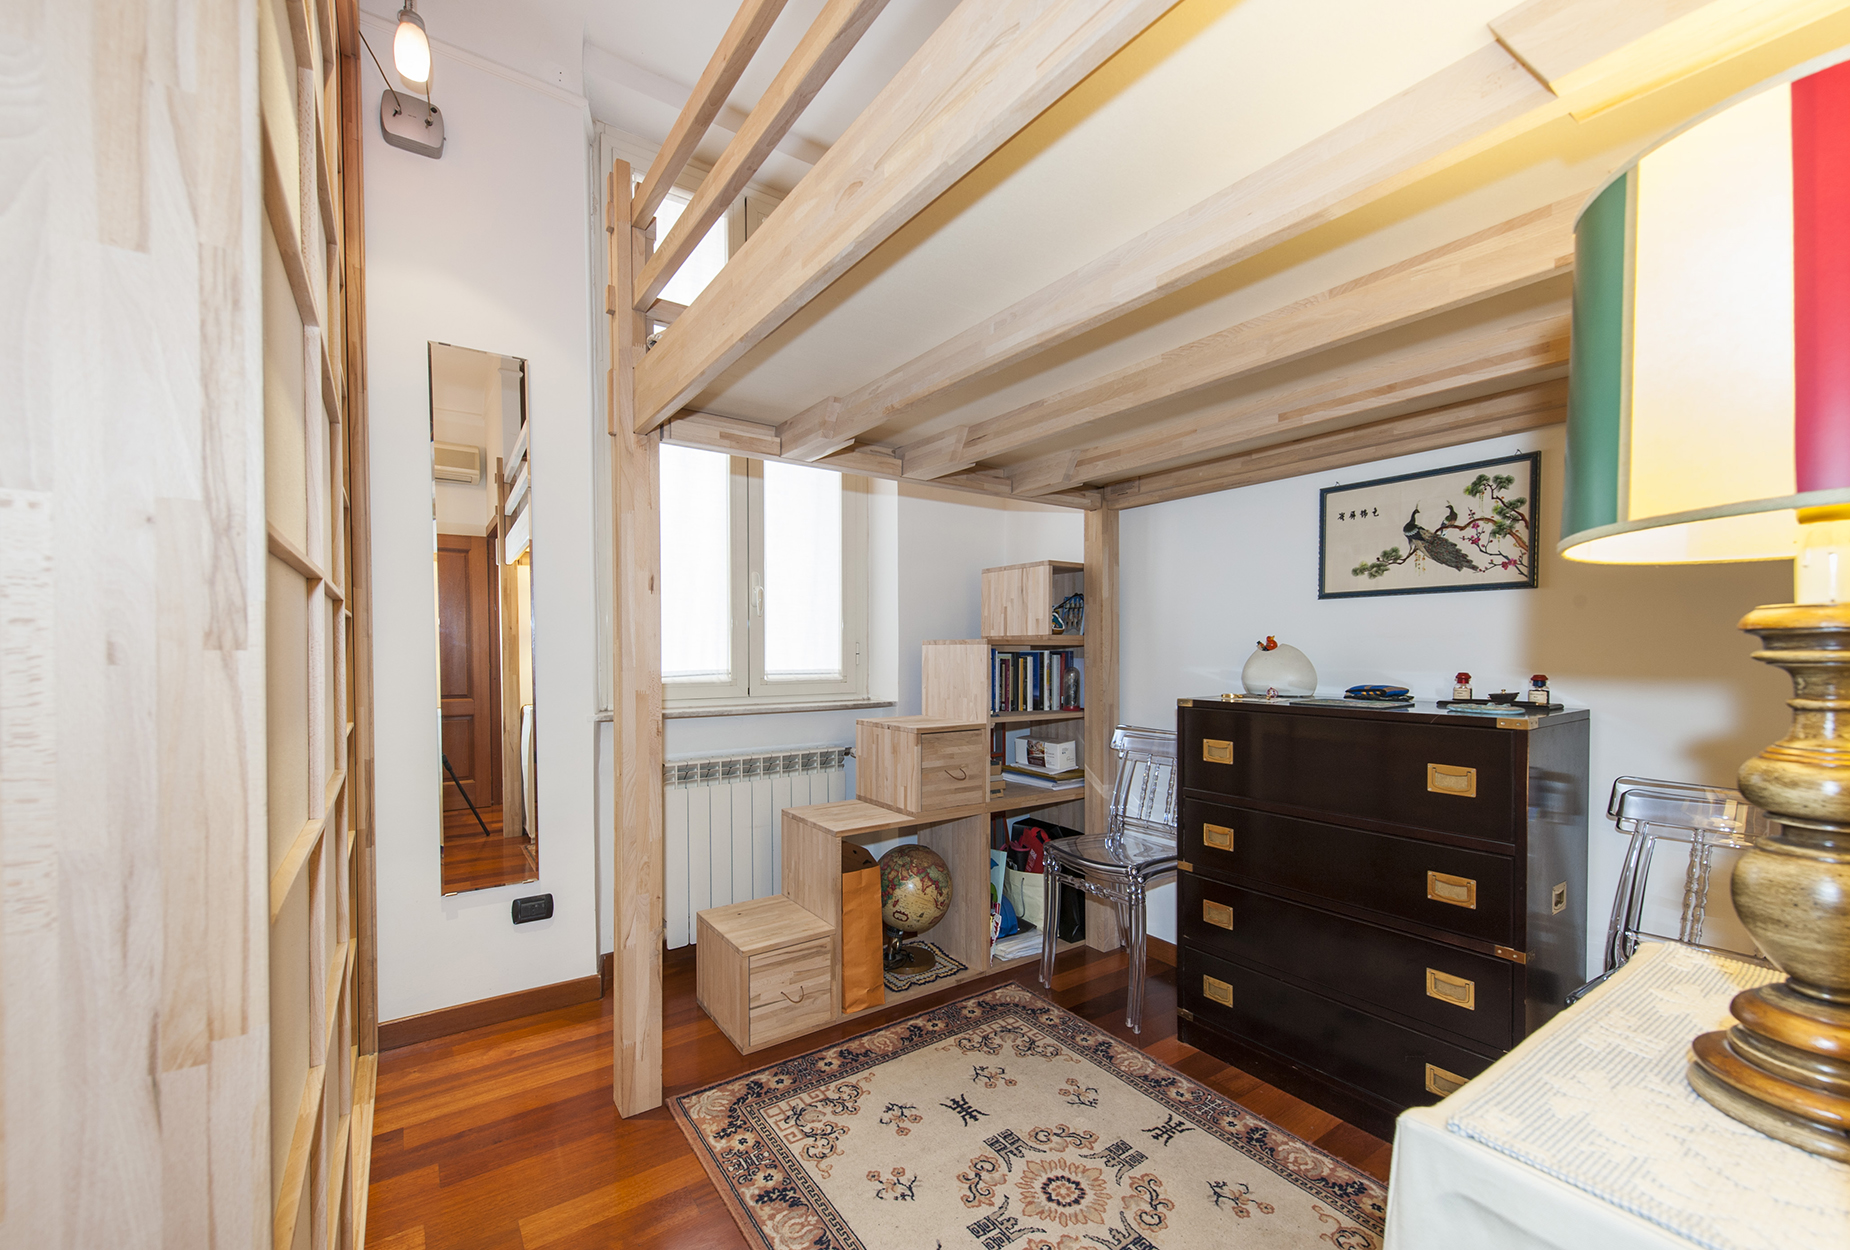 Appartamento di lusso in vendita a roma via magenta trovocasa pregio w6247116 - Appartamento in vendita citta giardino roma ...